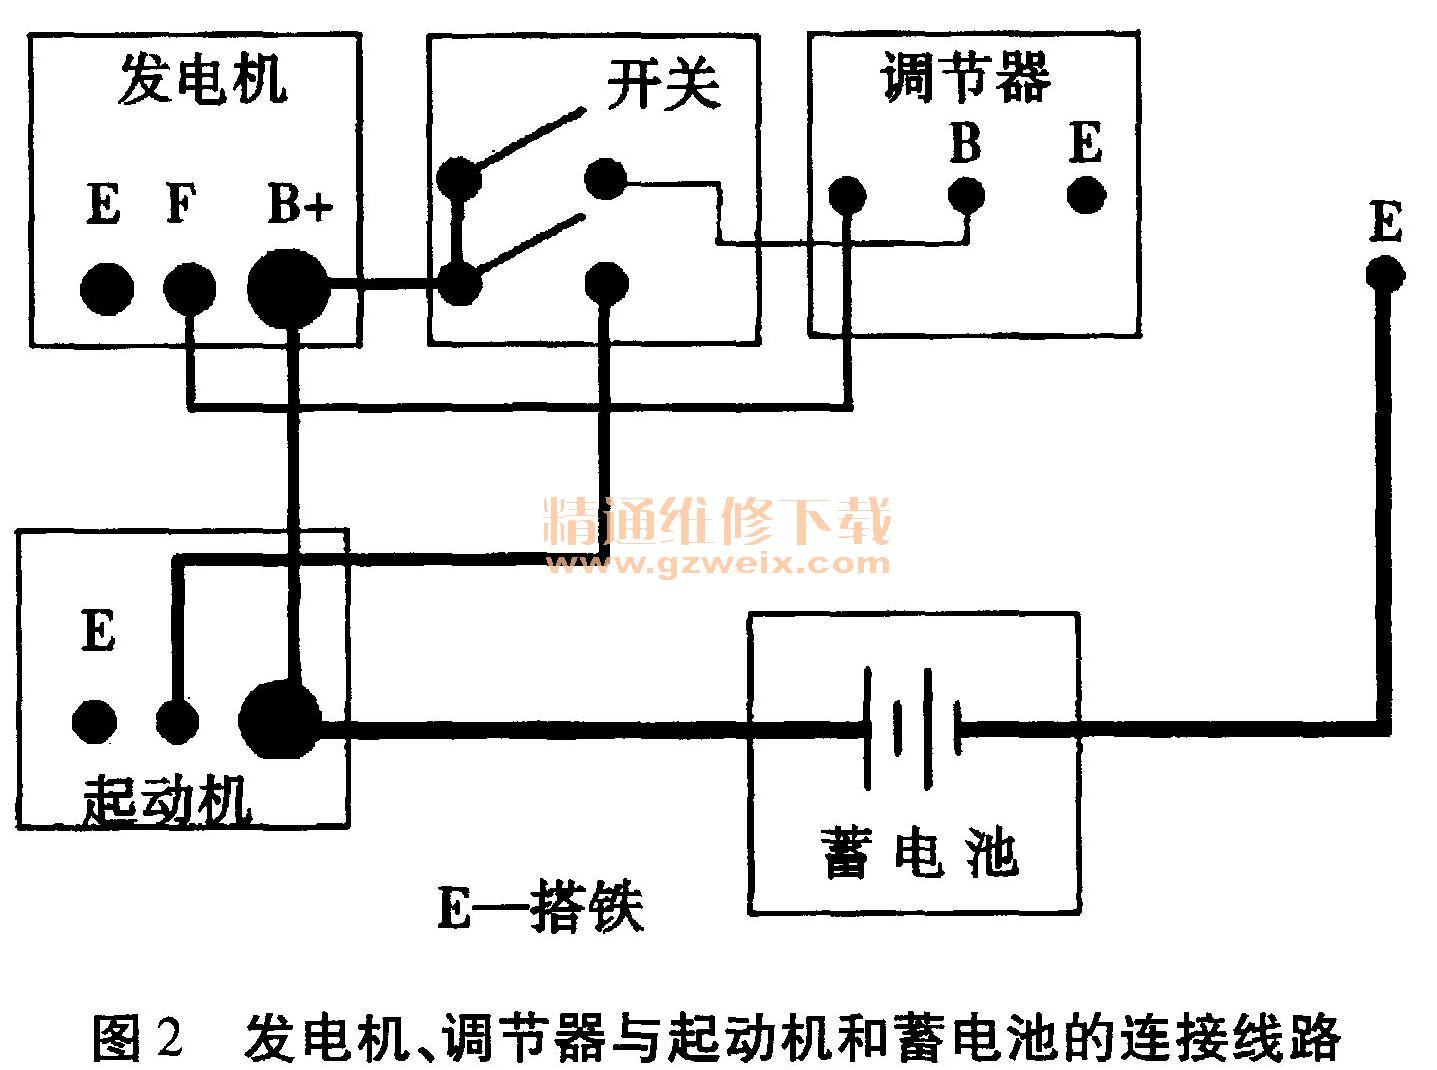 硅整流发电机及调节器维护技巧